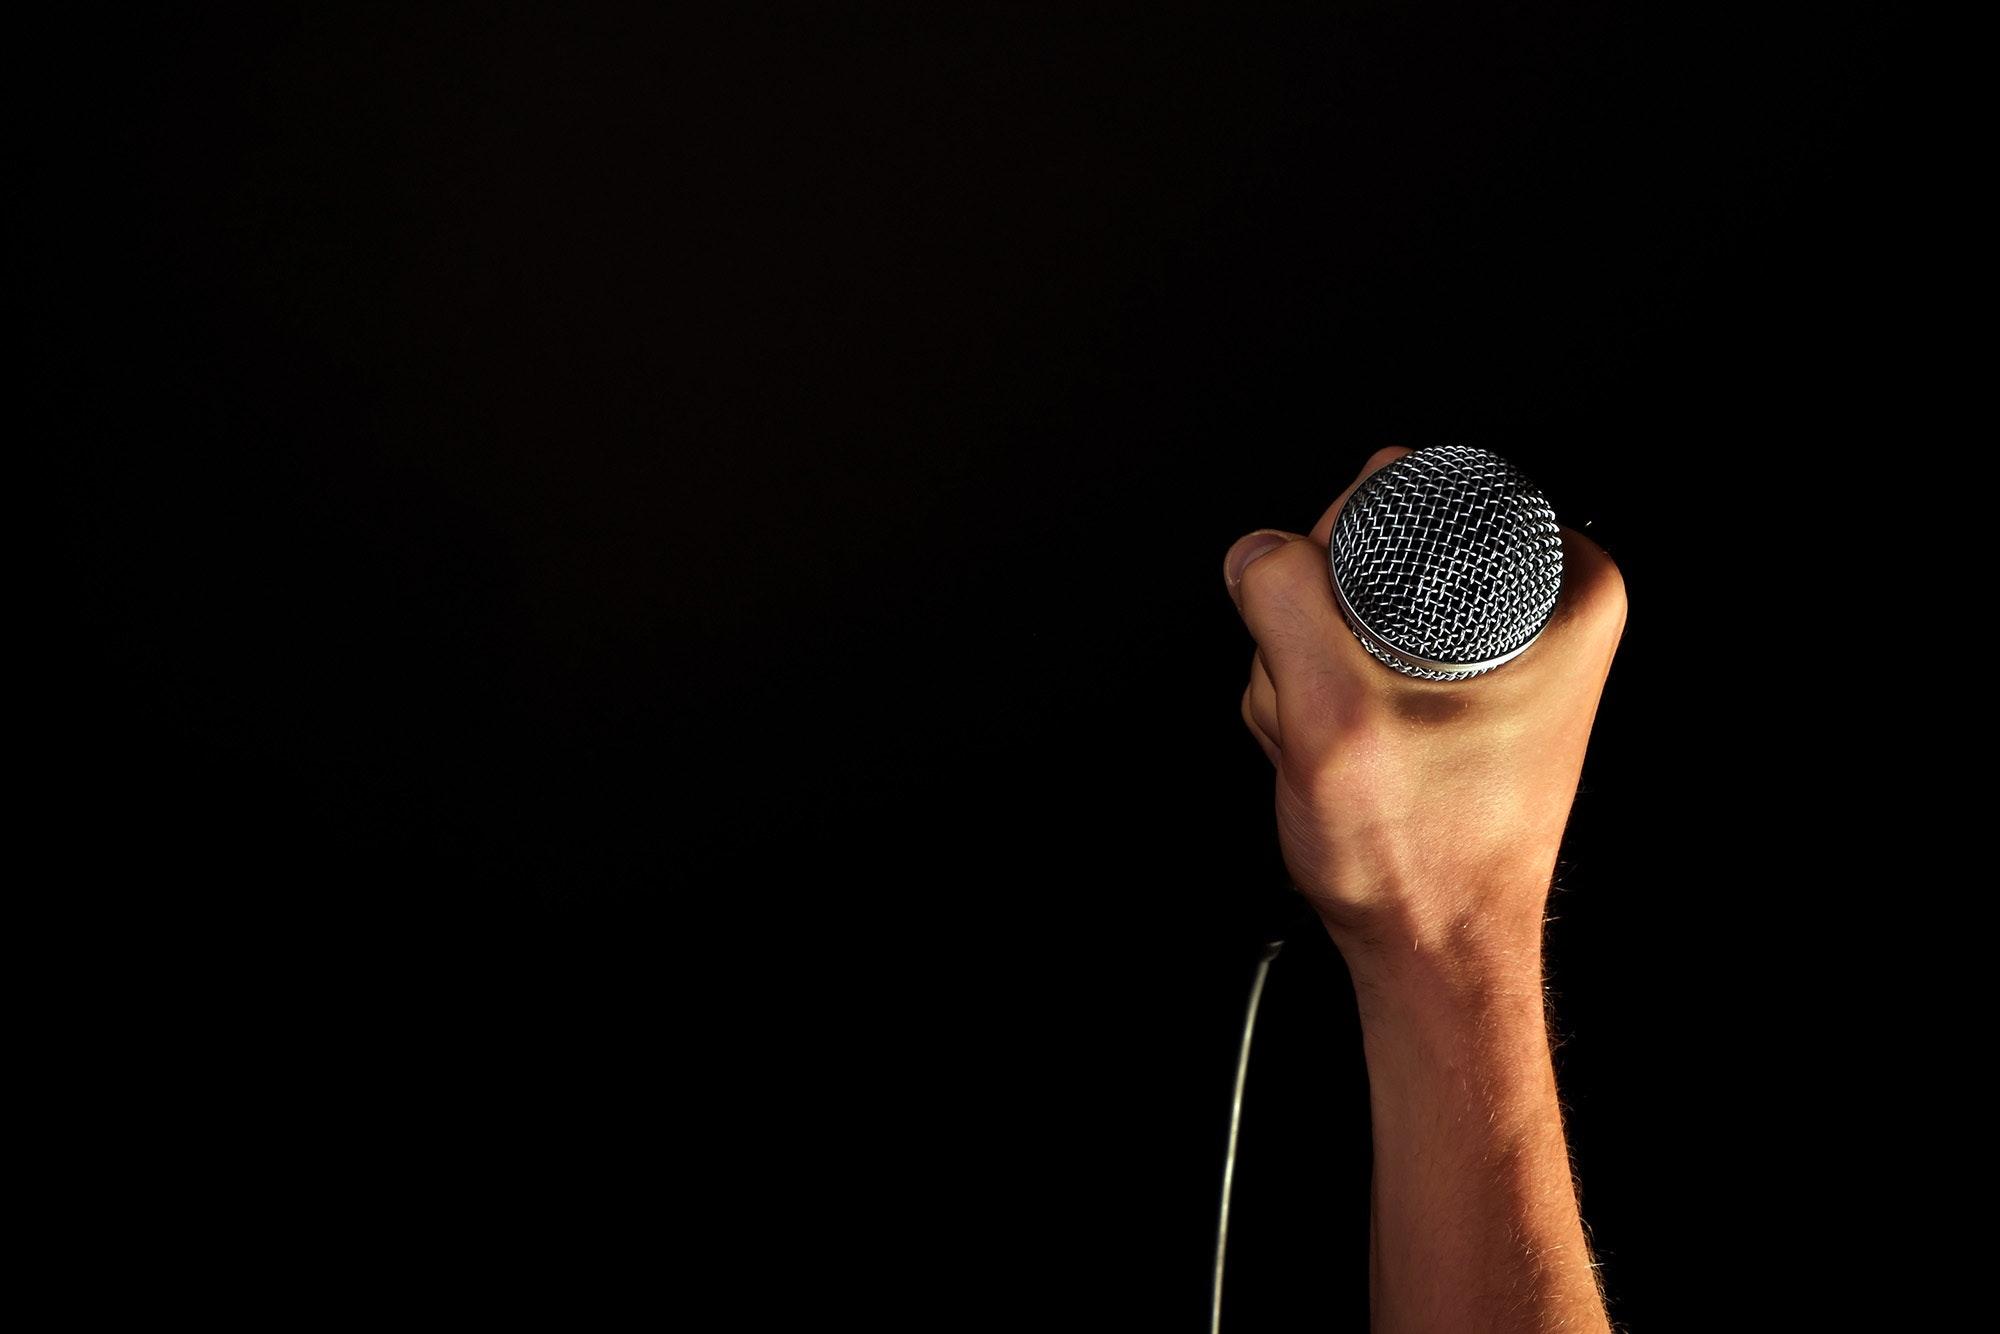 250 Amazing Microphone Photos Pexels Free Stock Photos